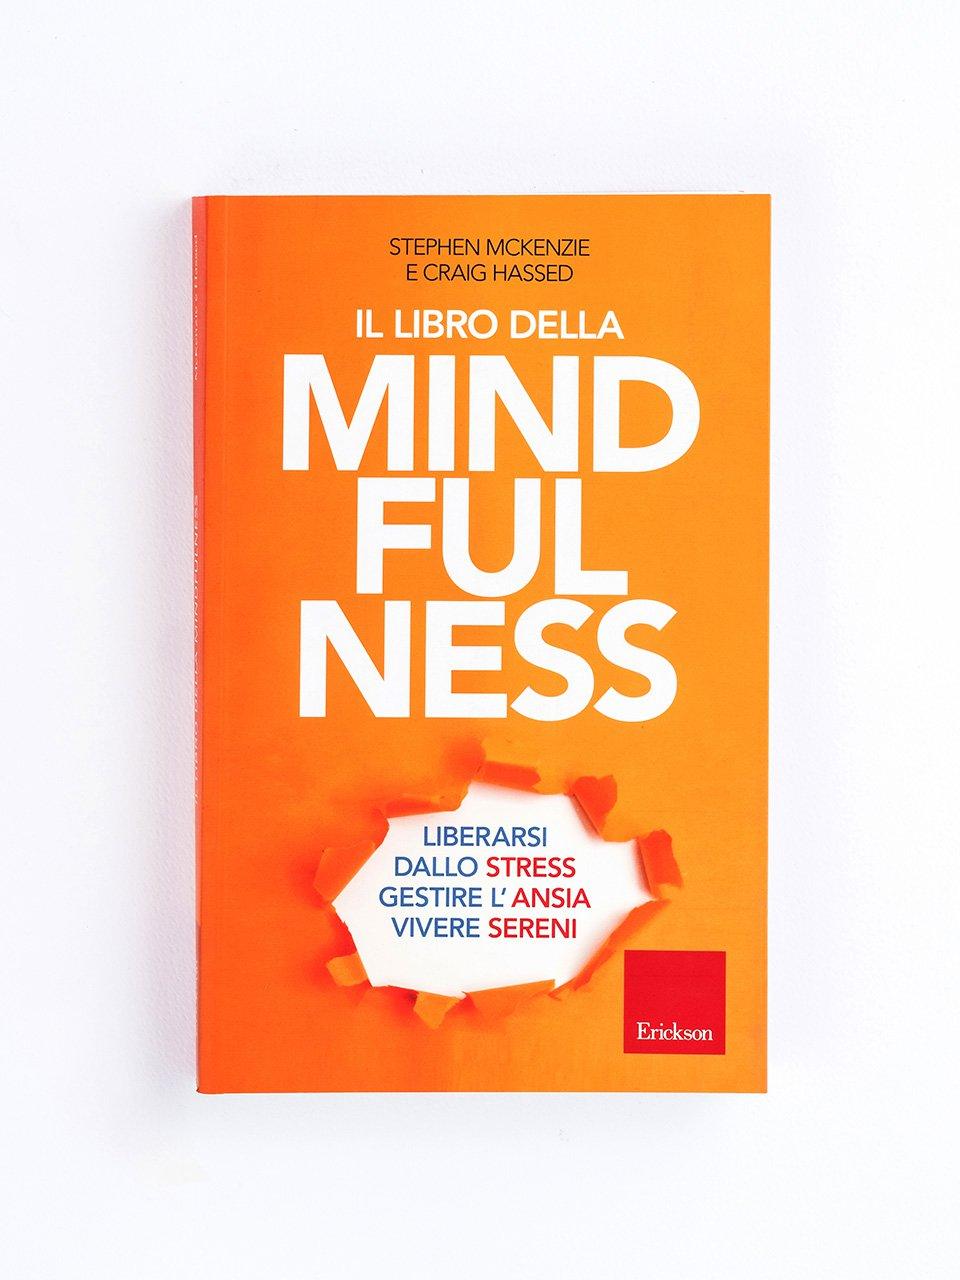 Il libro della mindfulness - 7 regole per cambiare ed essere più felici - Erickson